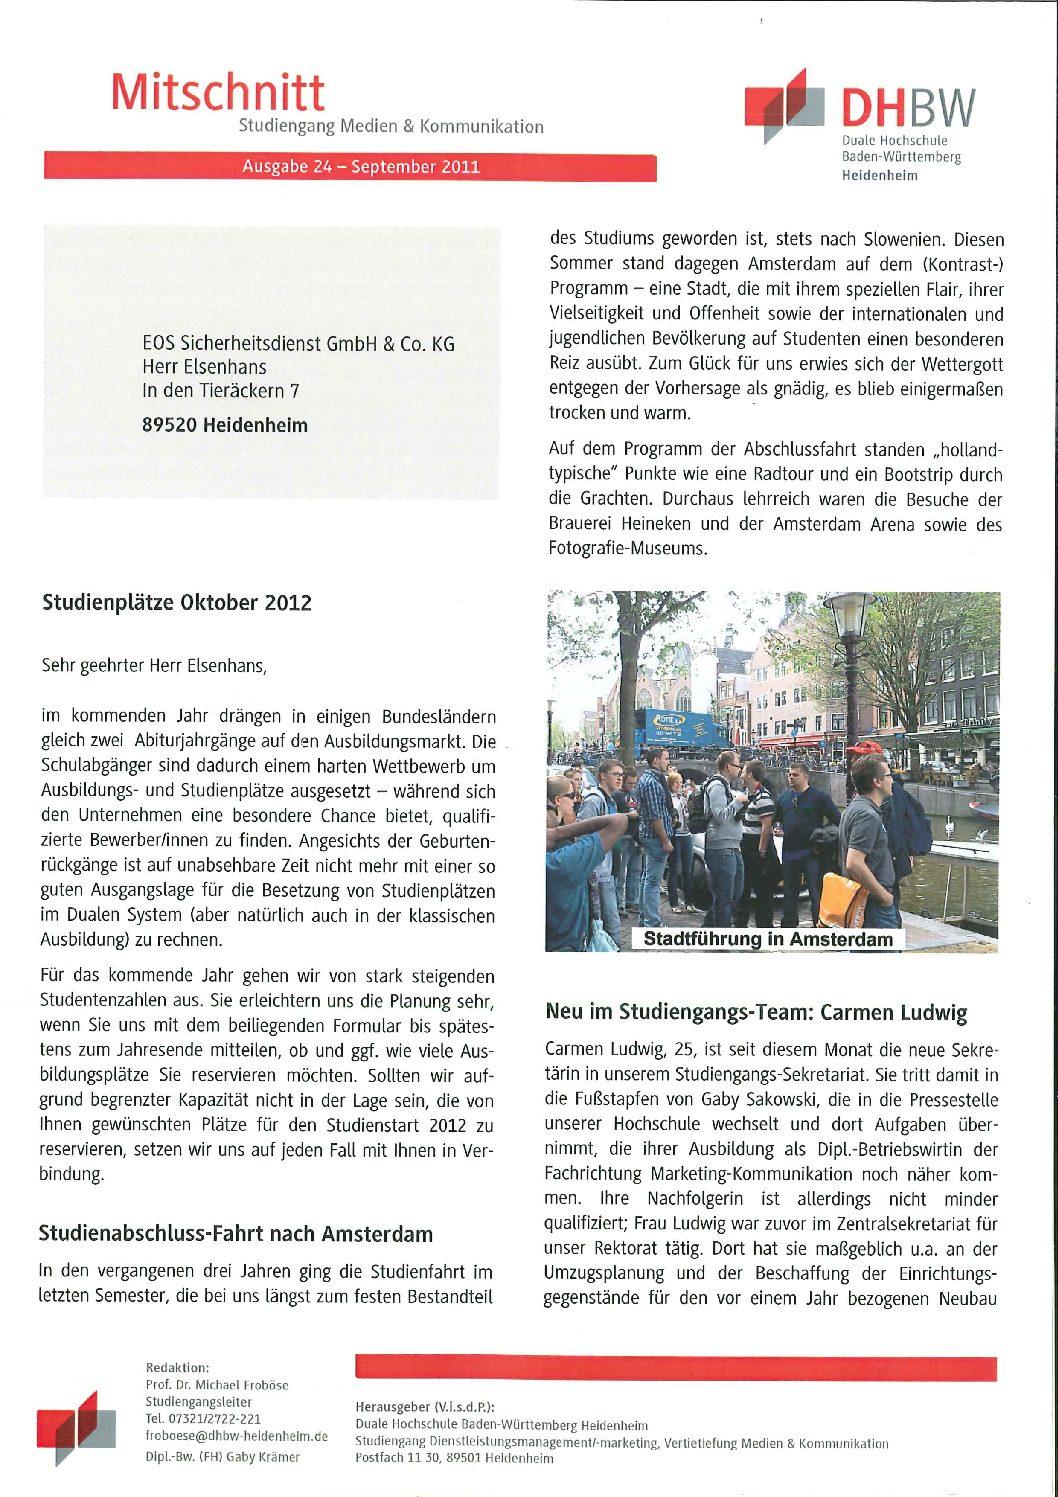 Mitschnitt DHBW Heidenheim